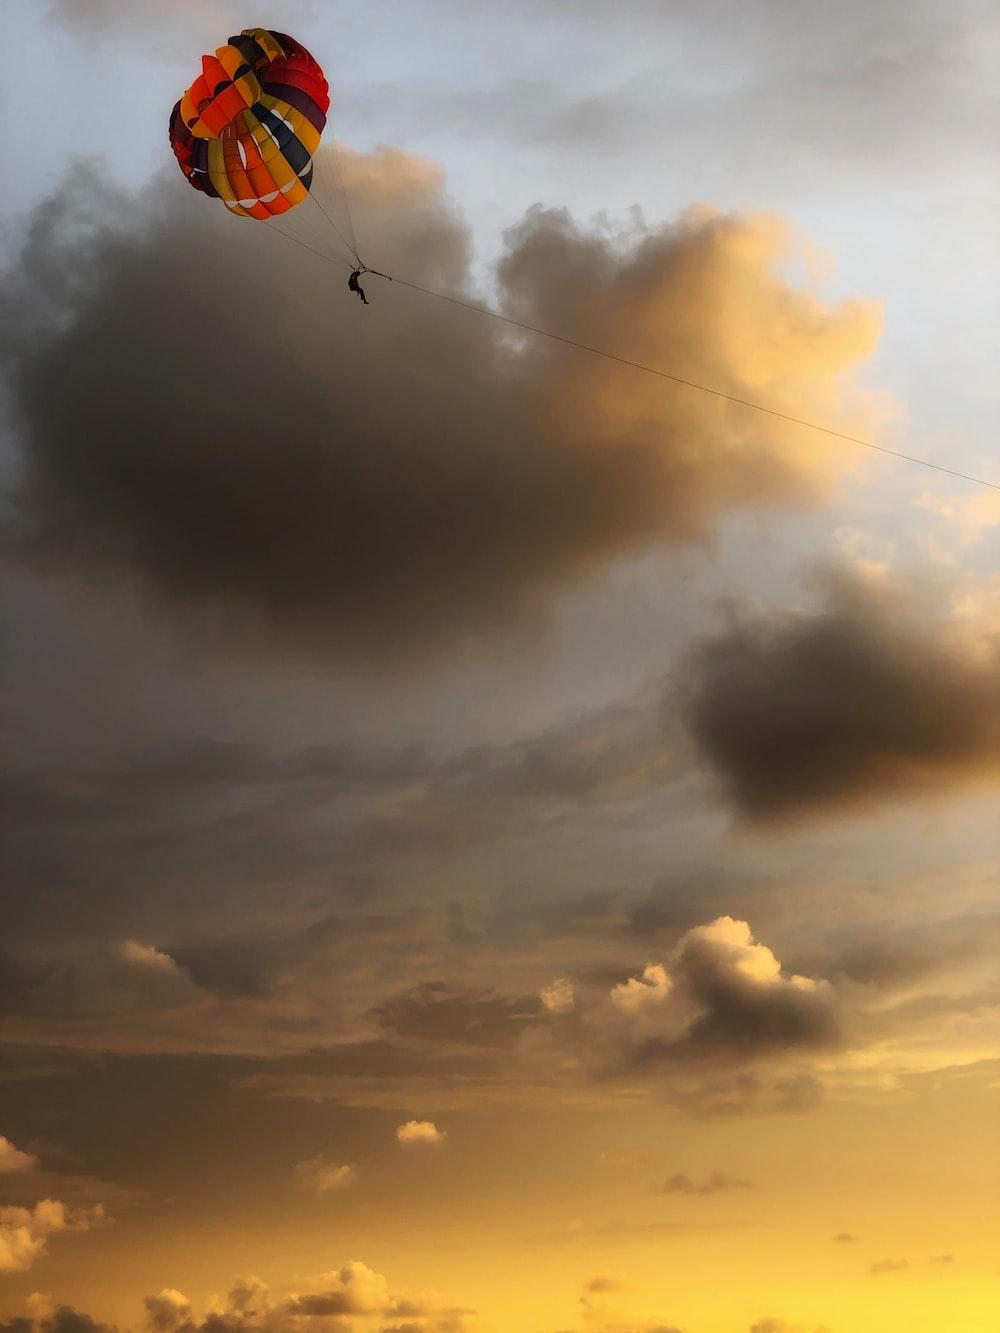 multicolored parachute